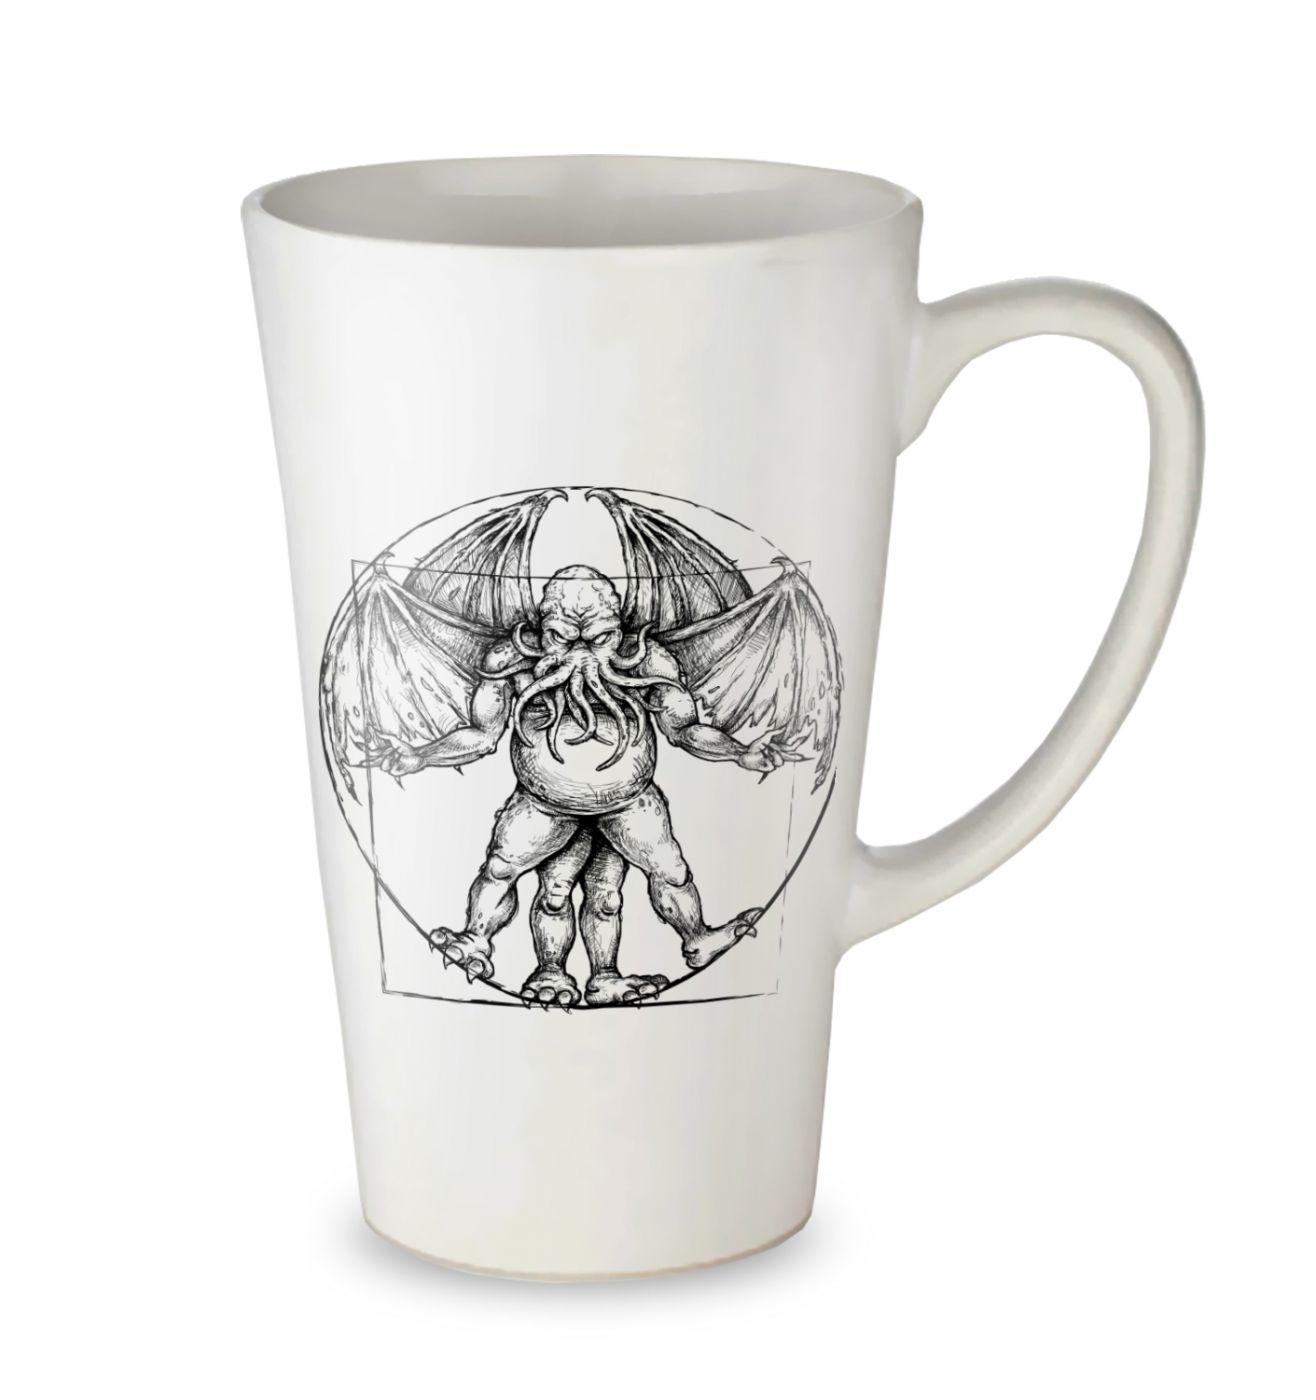 Vitruvian Cthulhu tall latte mug